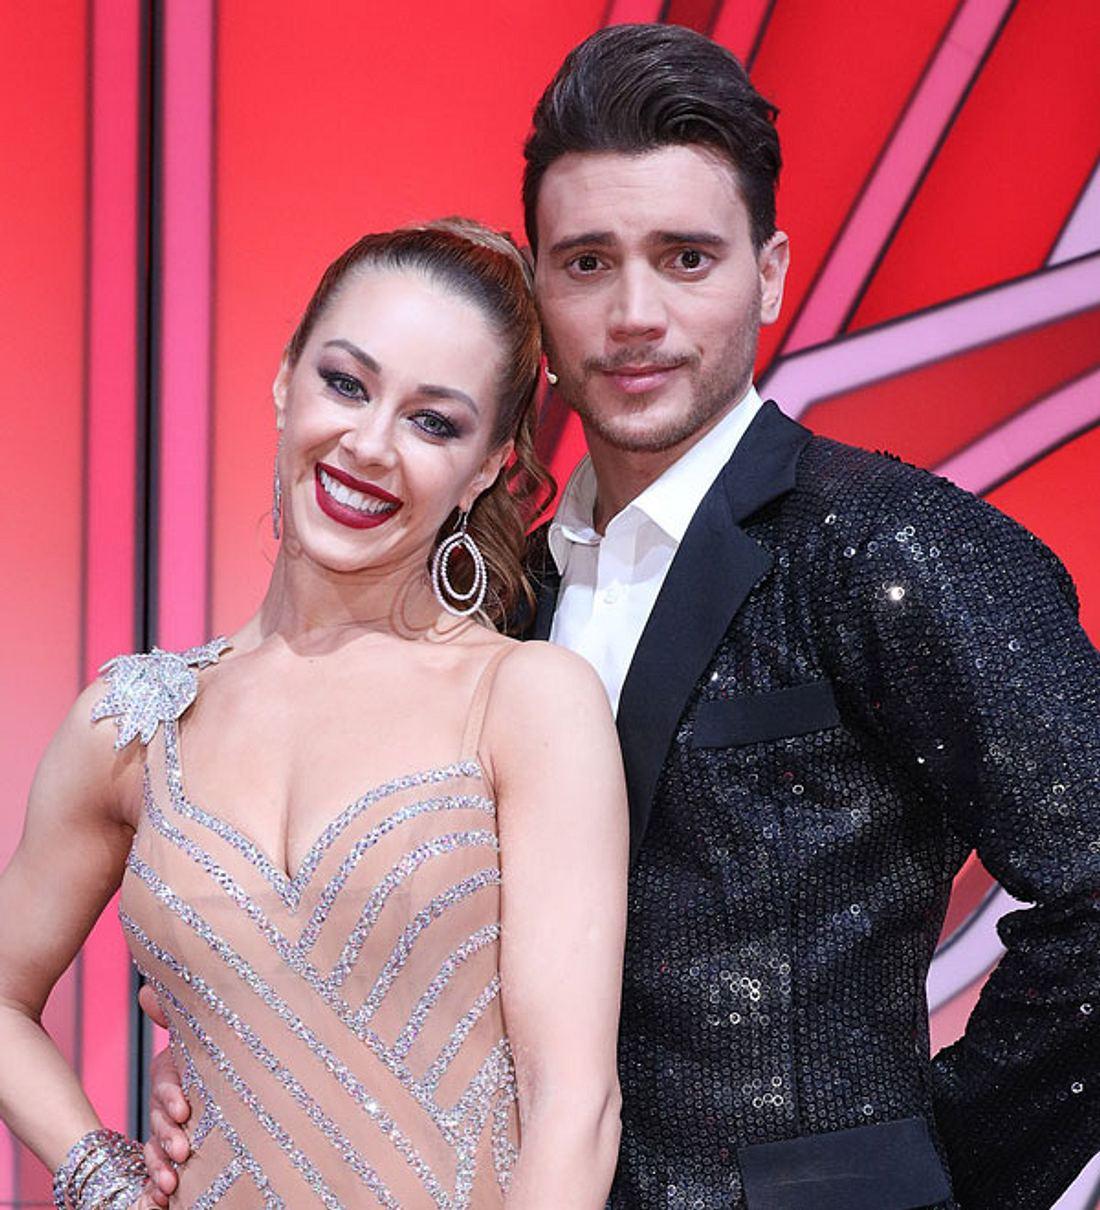 Bela Klentze: Jetzt packt diese Promi-Tänzerin über ihn aus!